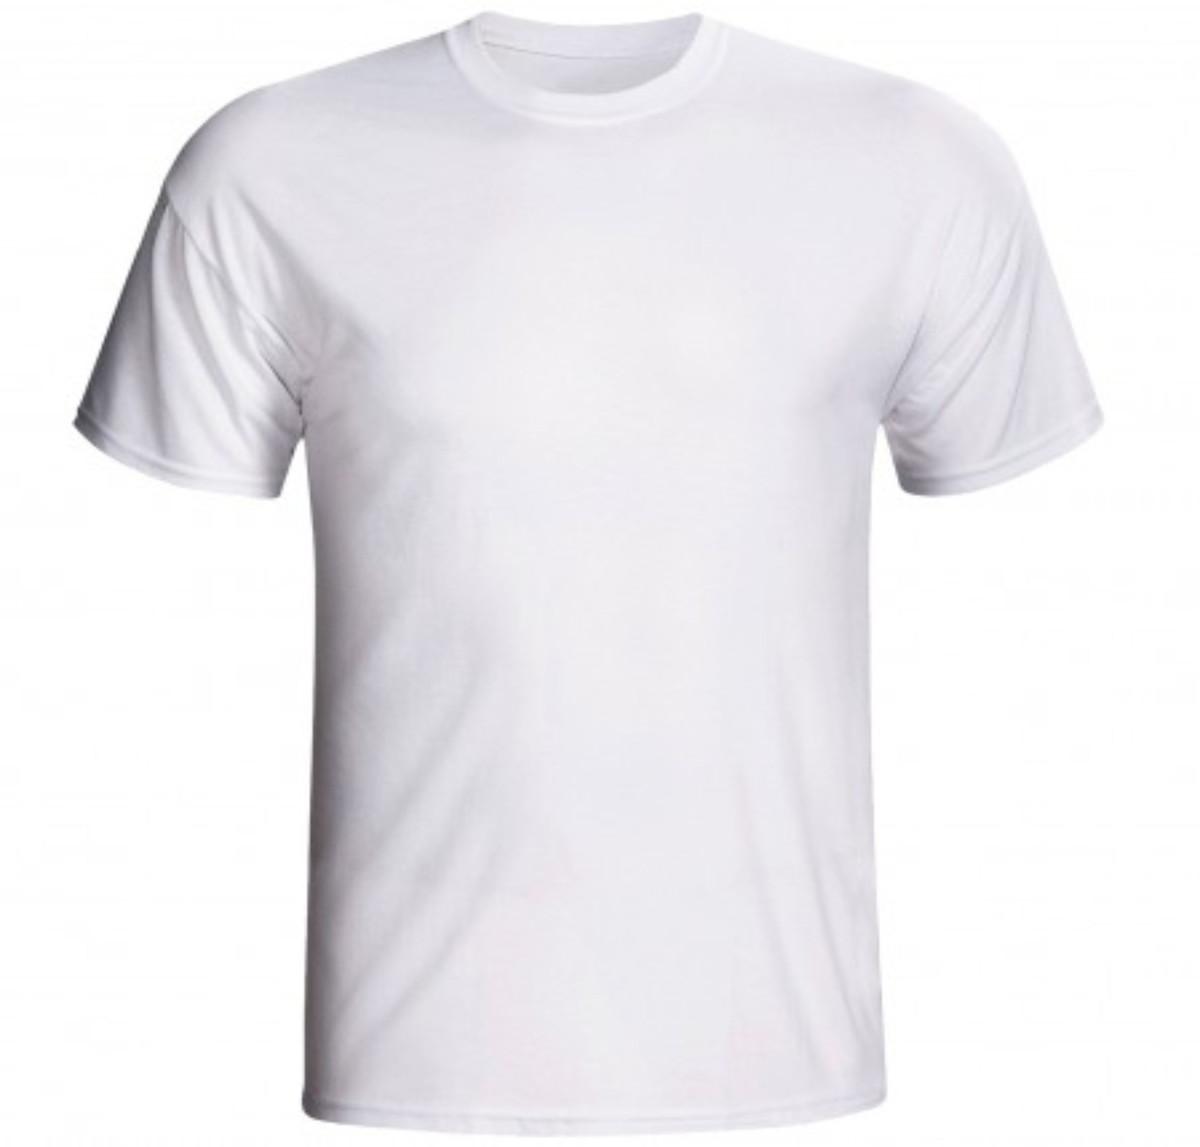 dcd8cf5e5a72 camisa sublimação